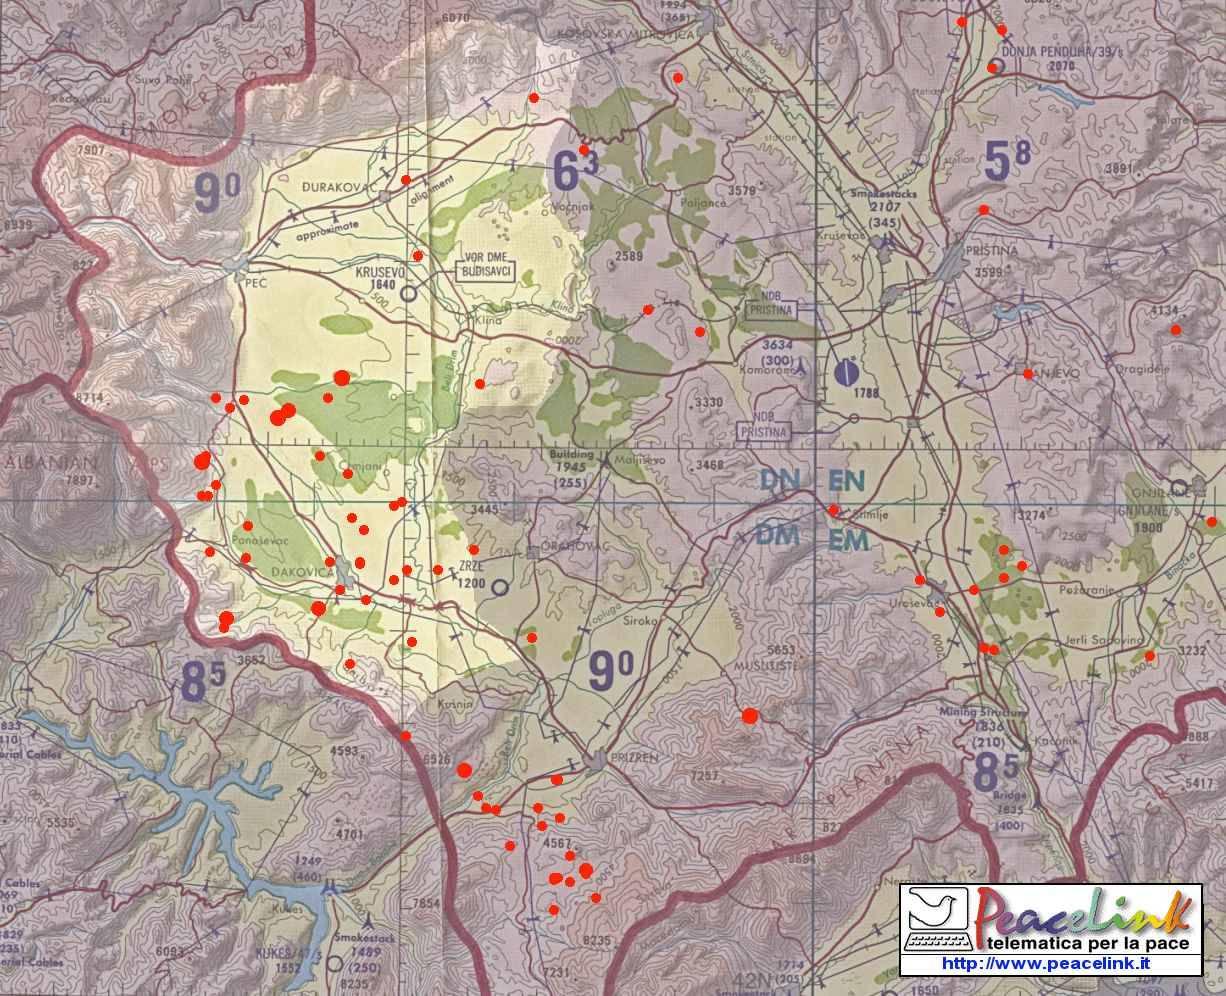 Mappa dettagliata dei bombardamenti della Nato con uranio impoverito in Kosovo. A cura di PeaceLink